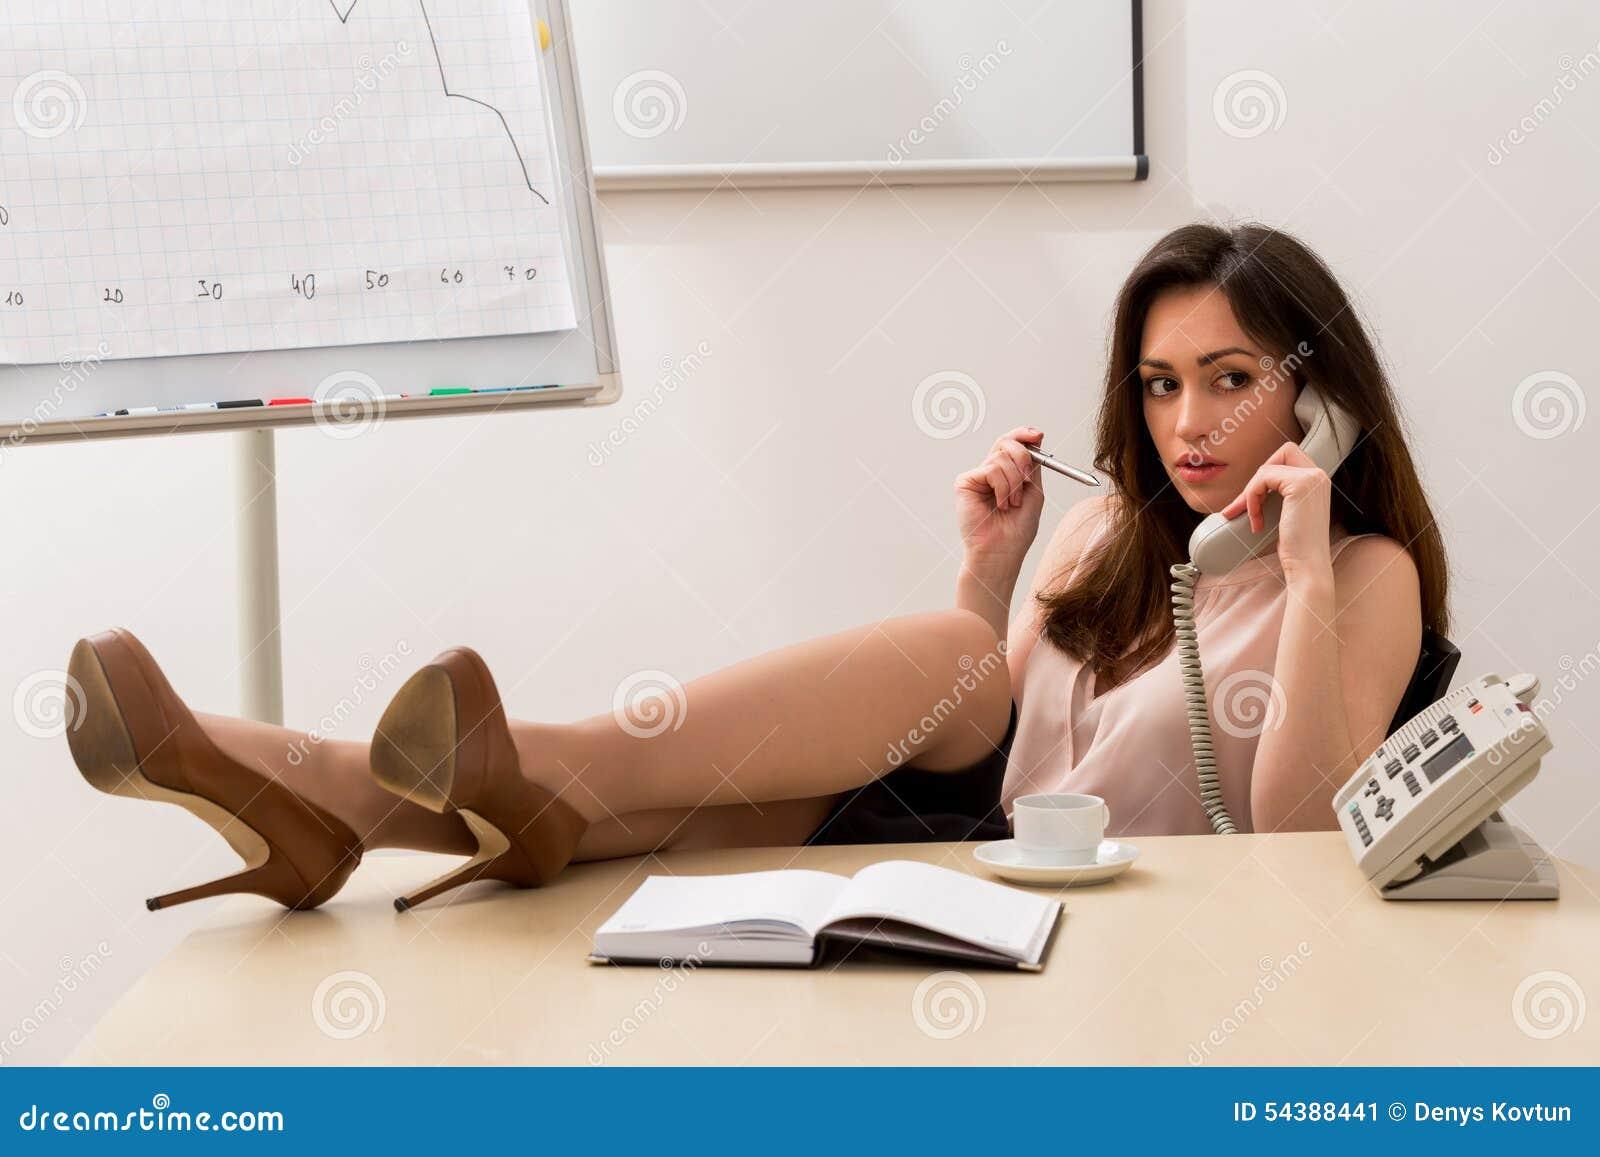 Sexe avec la secrétaire téléchargement vidéo